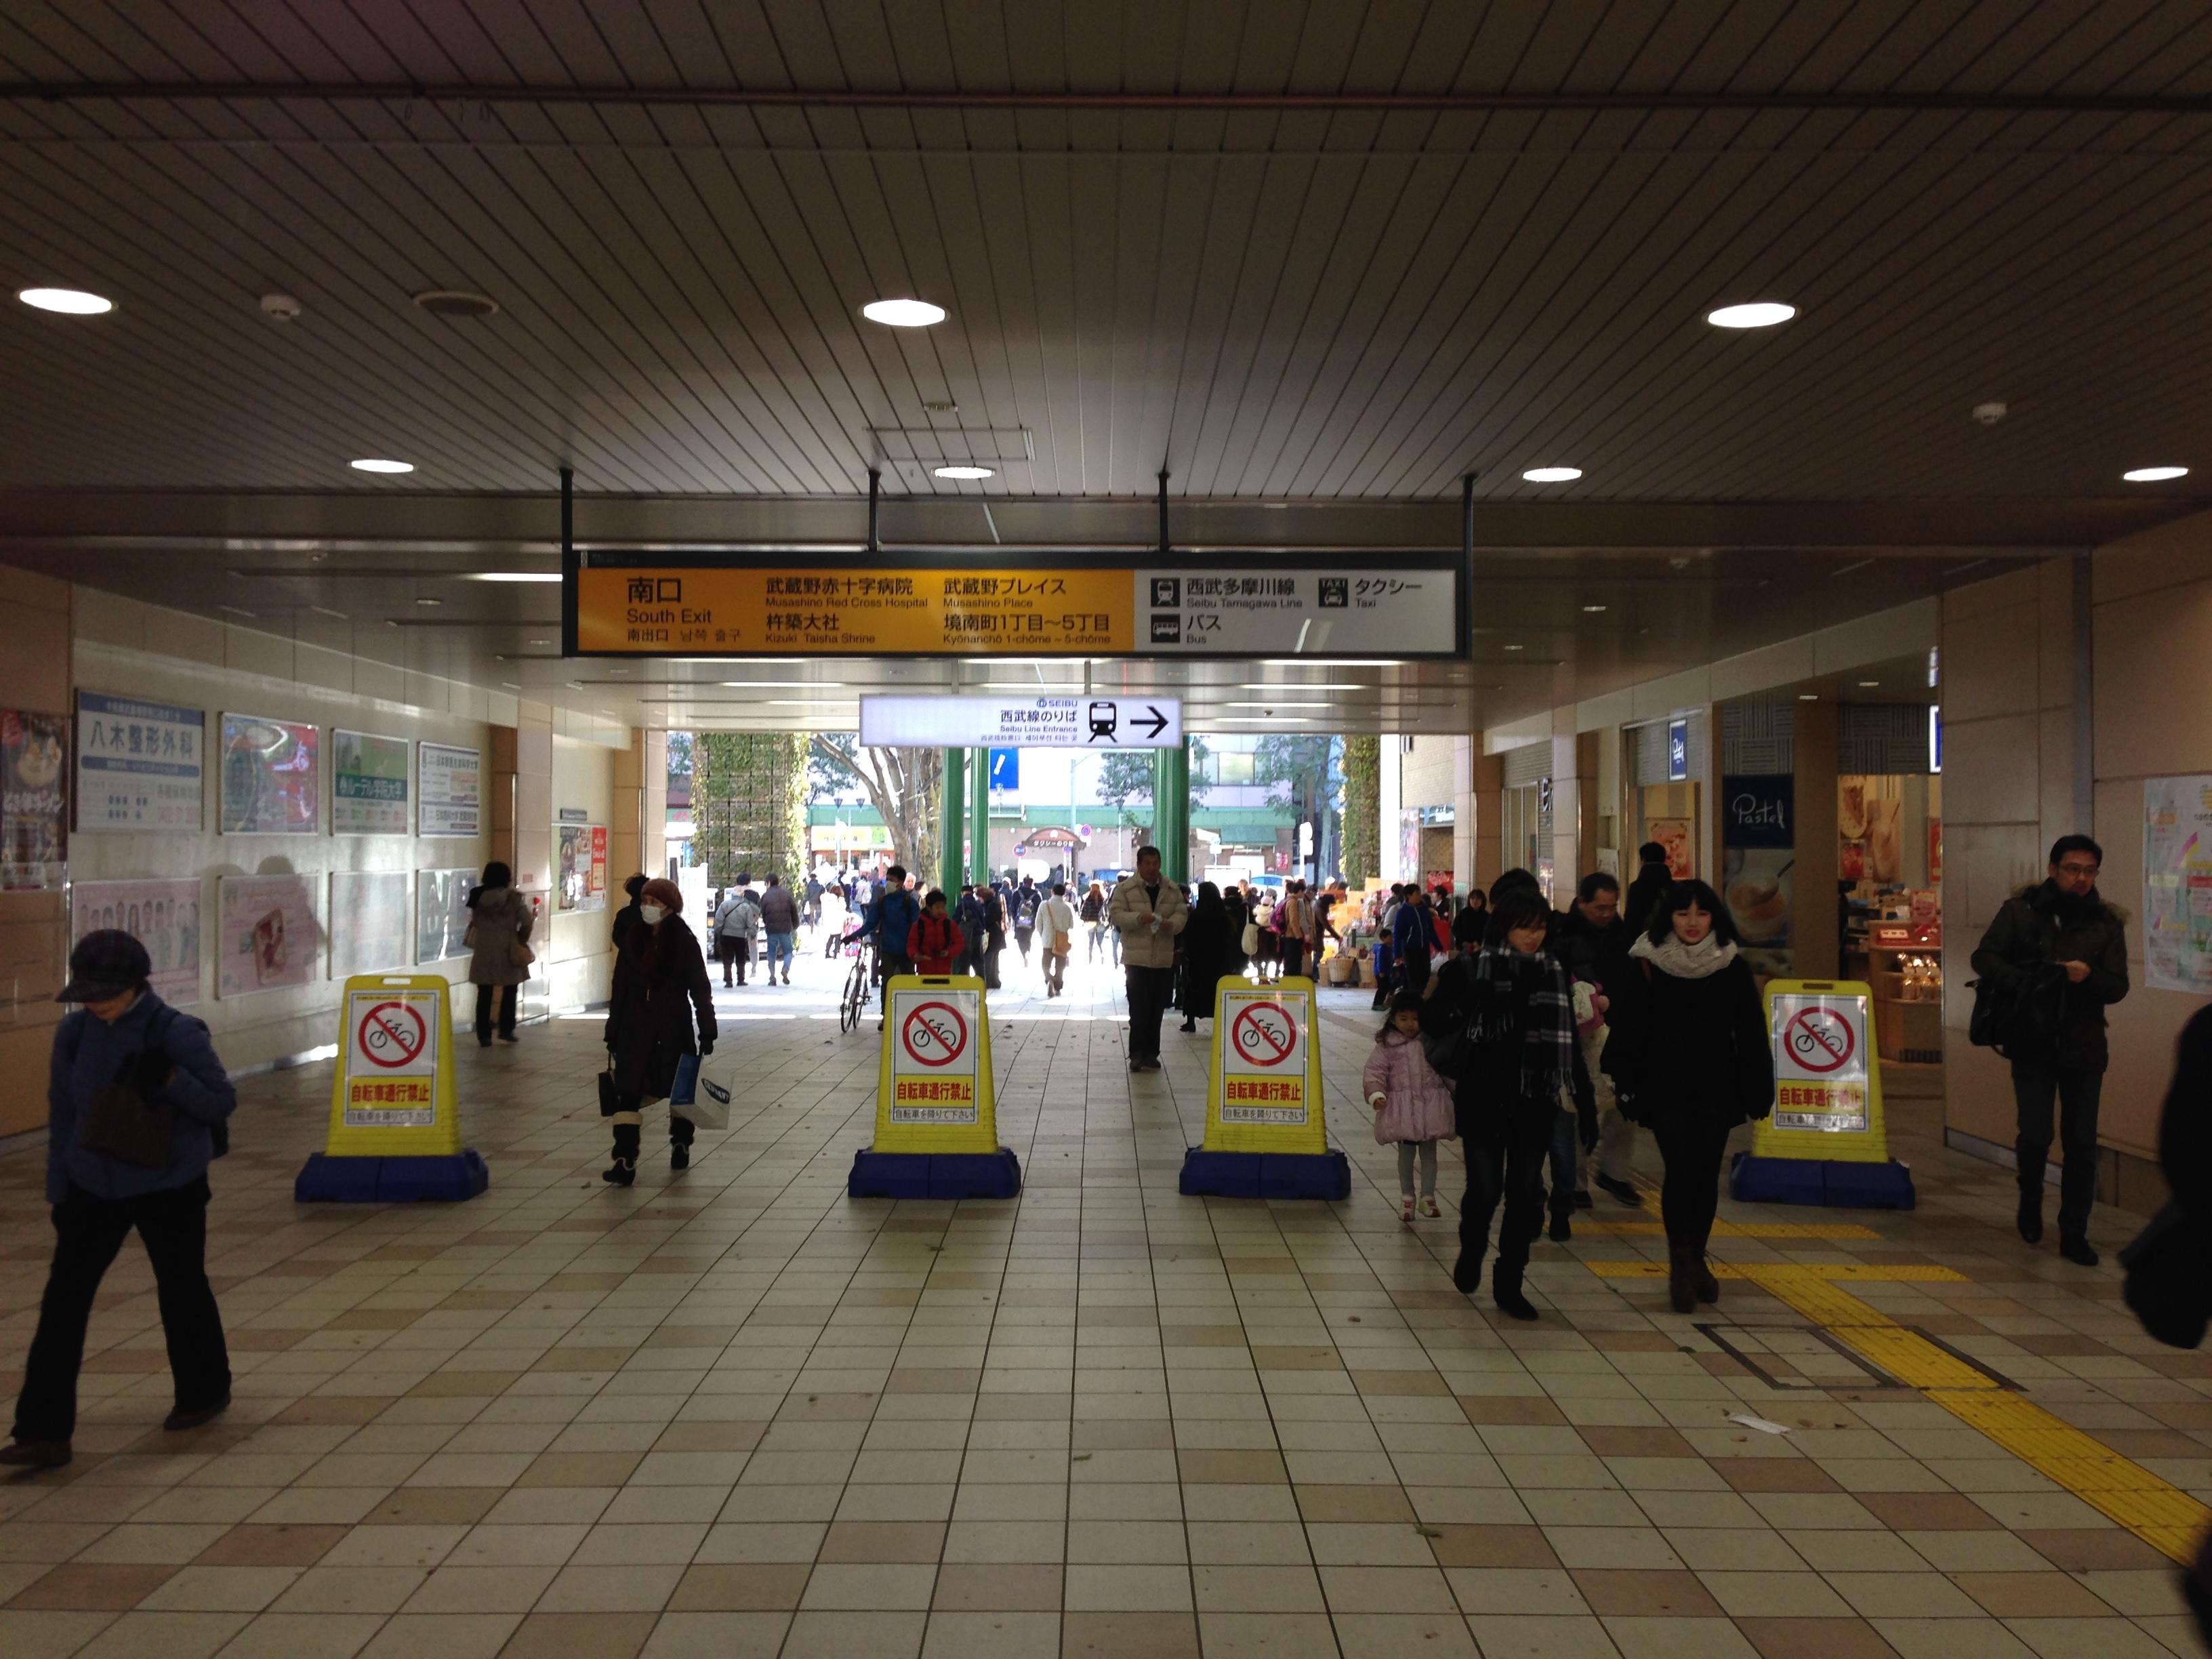 武蔵境南口.jpg